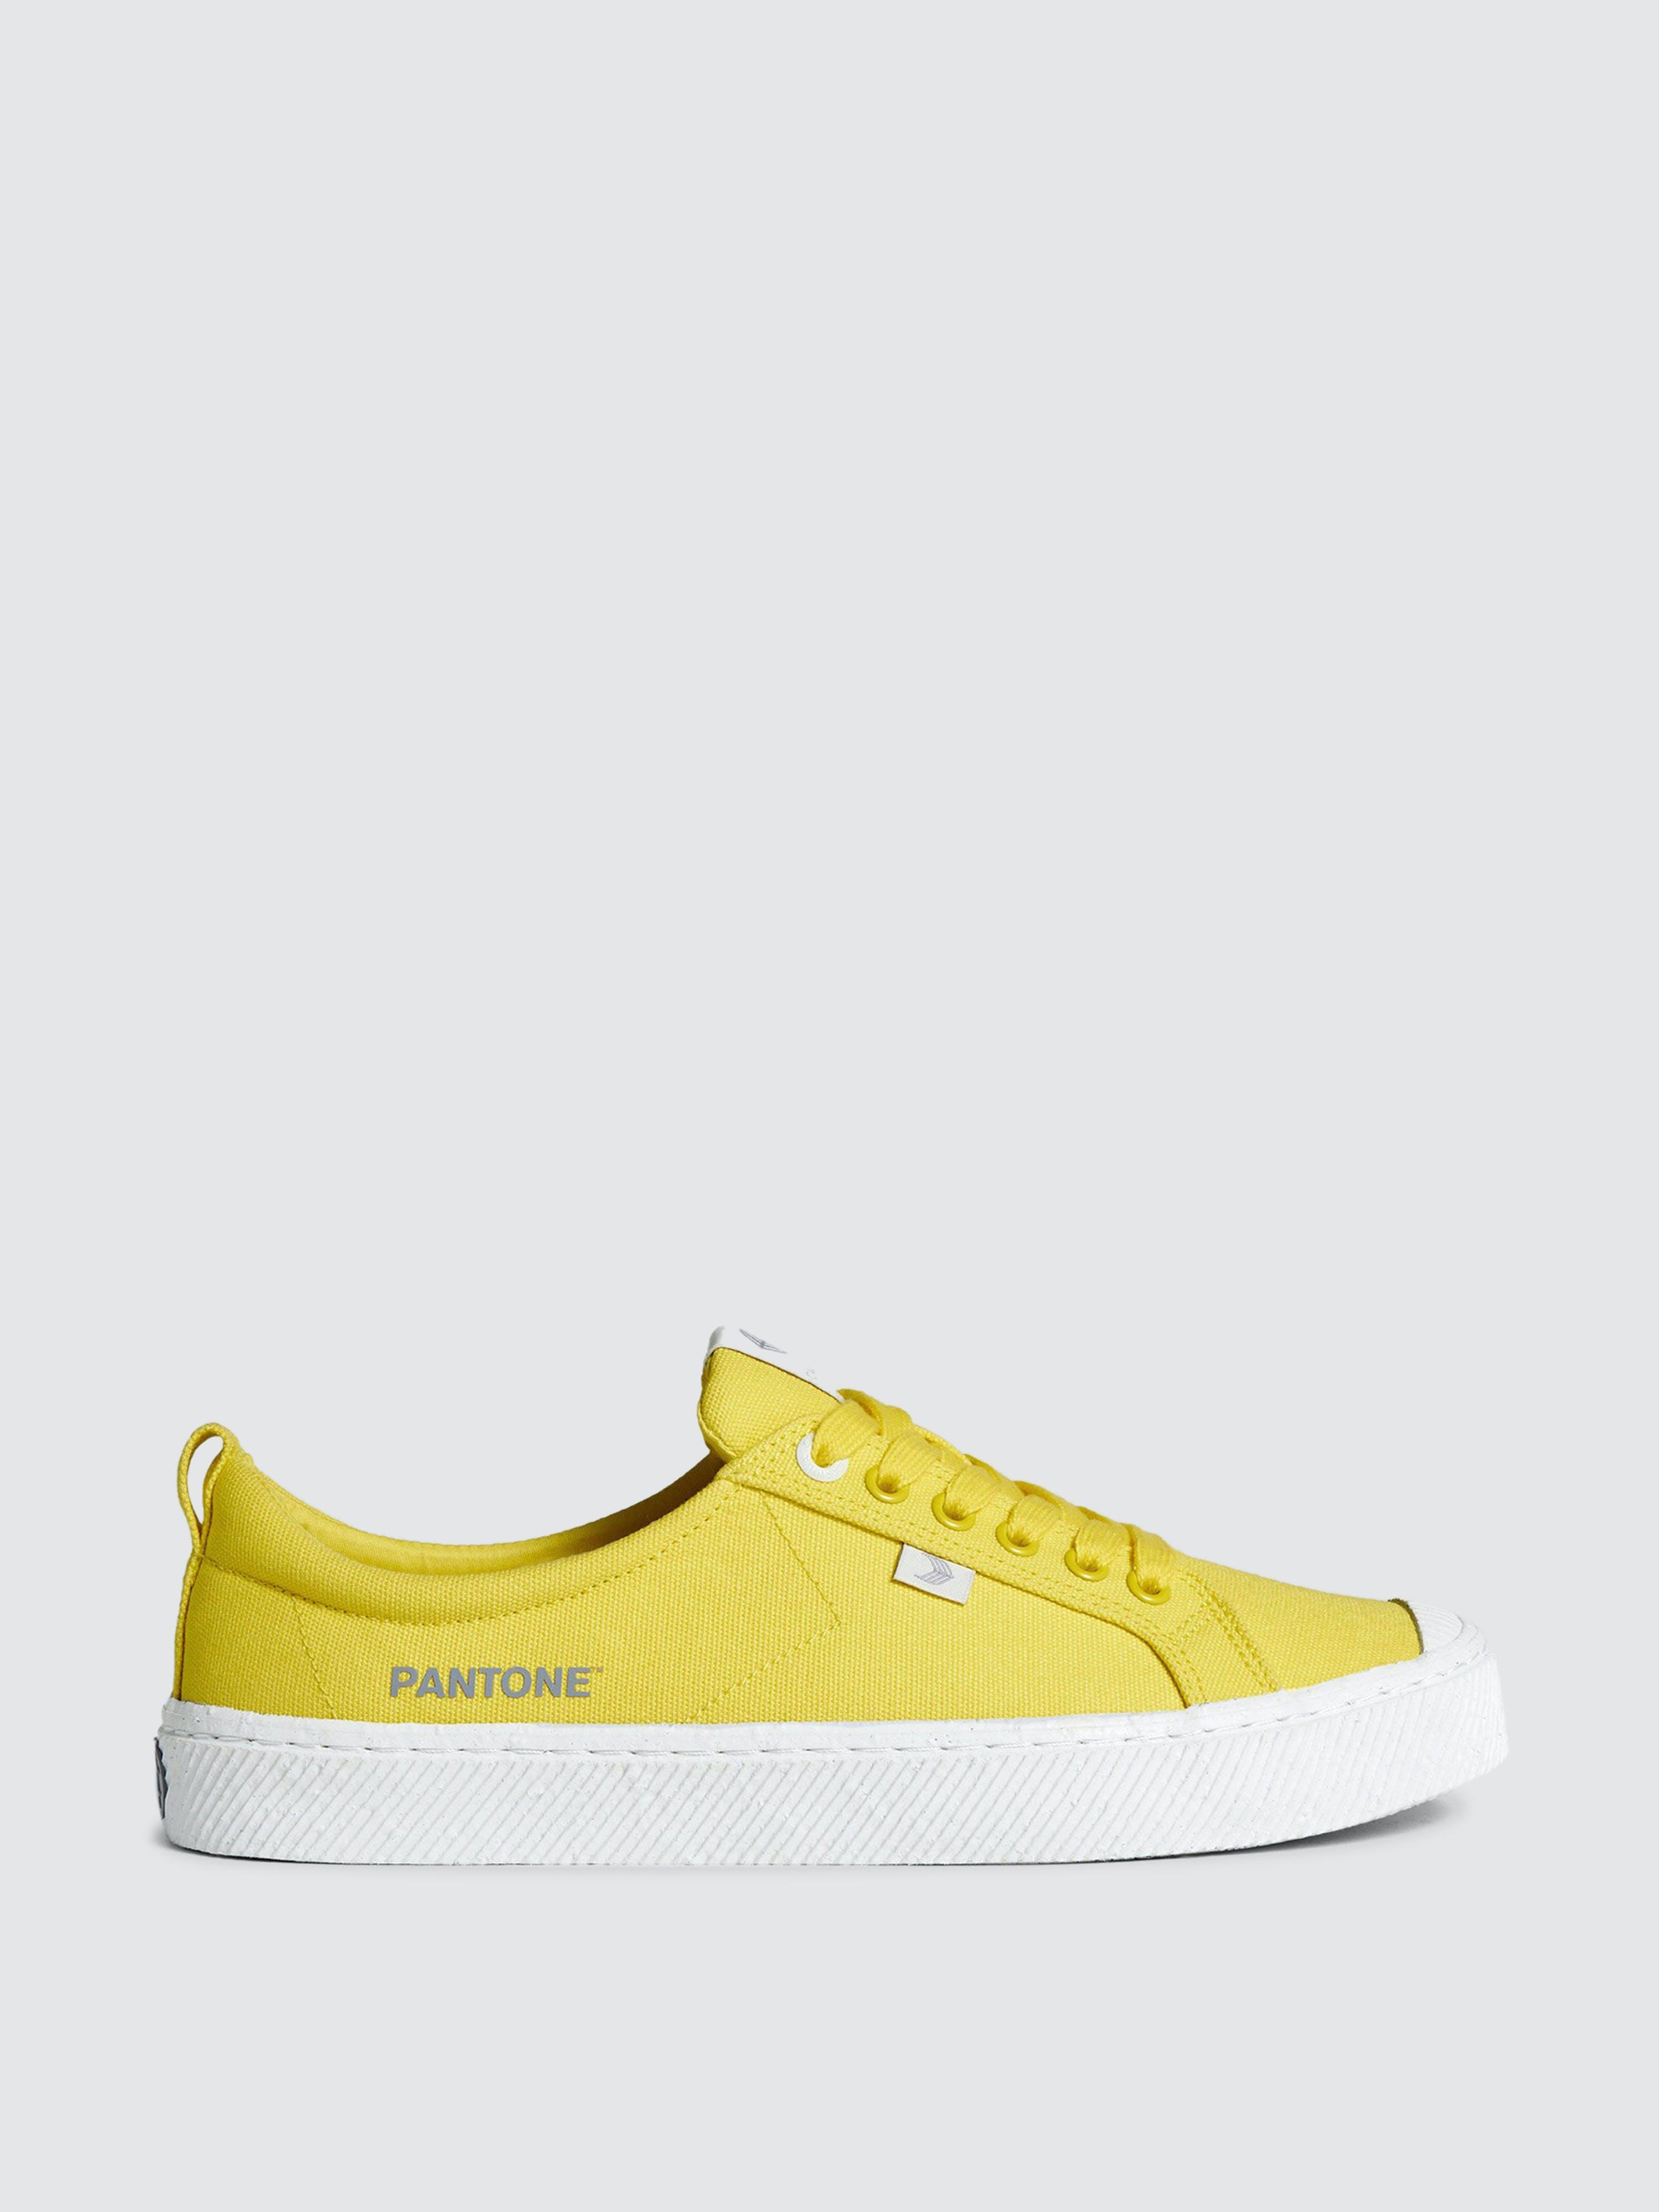 Cariuma Oca Low Pantone Illuminating Canvas Sneaker Men In Yellow